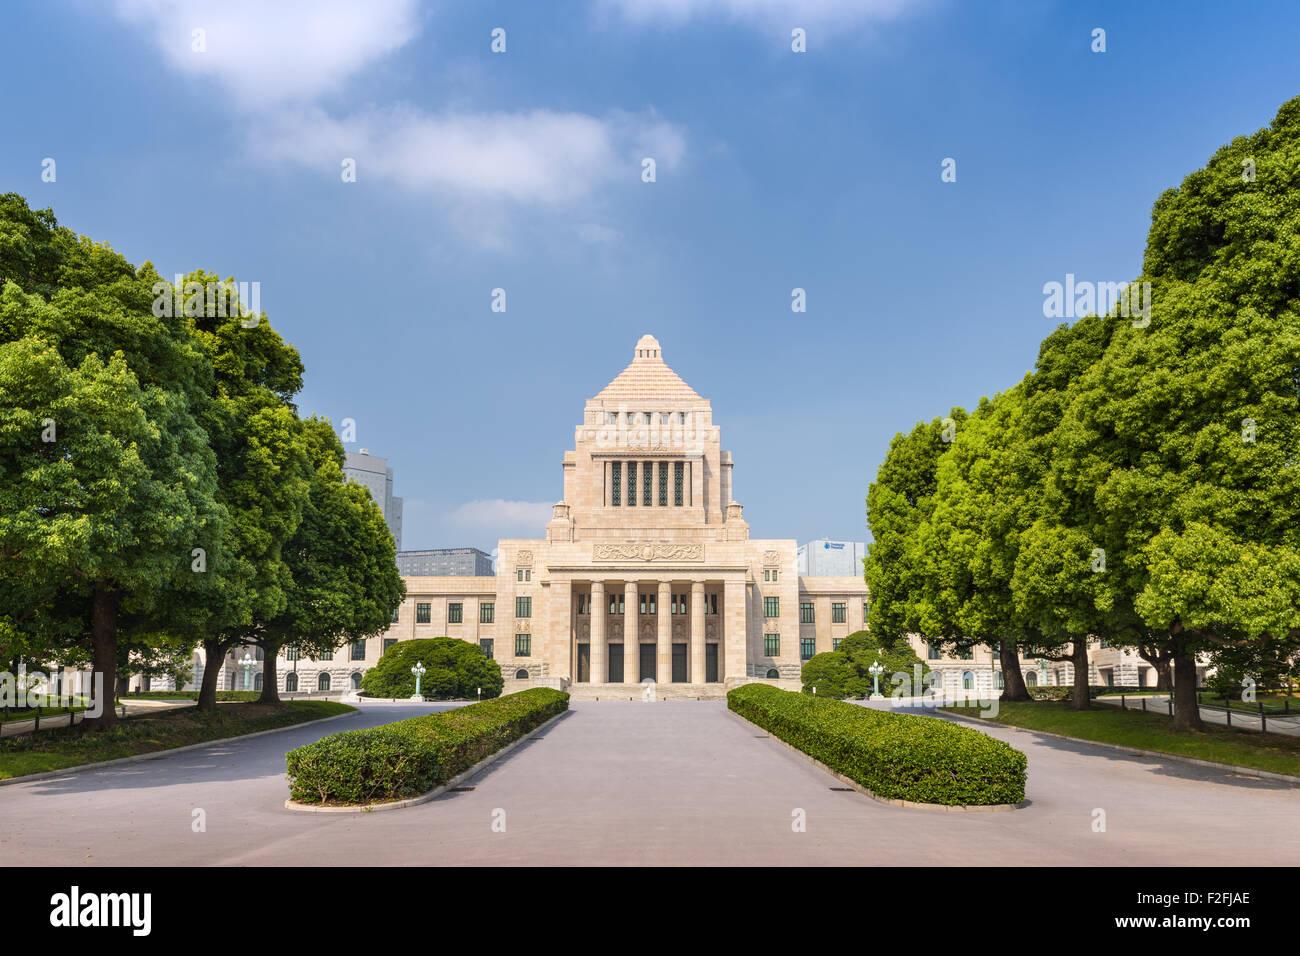 Tokio, Japón, en el edificio del Parlamento Kokkaigijido Foto de stock